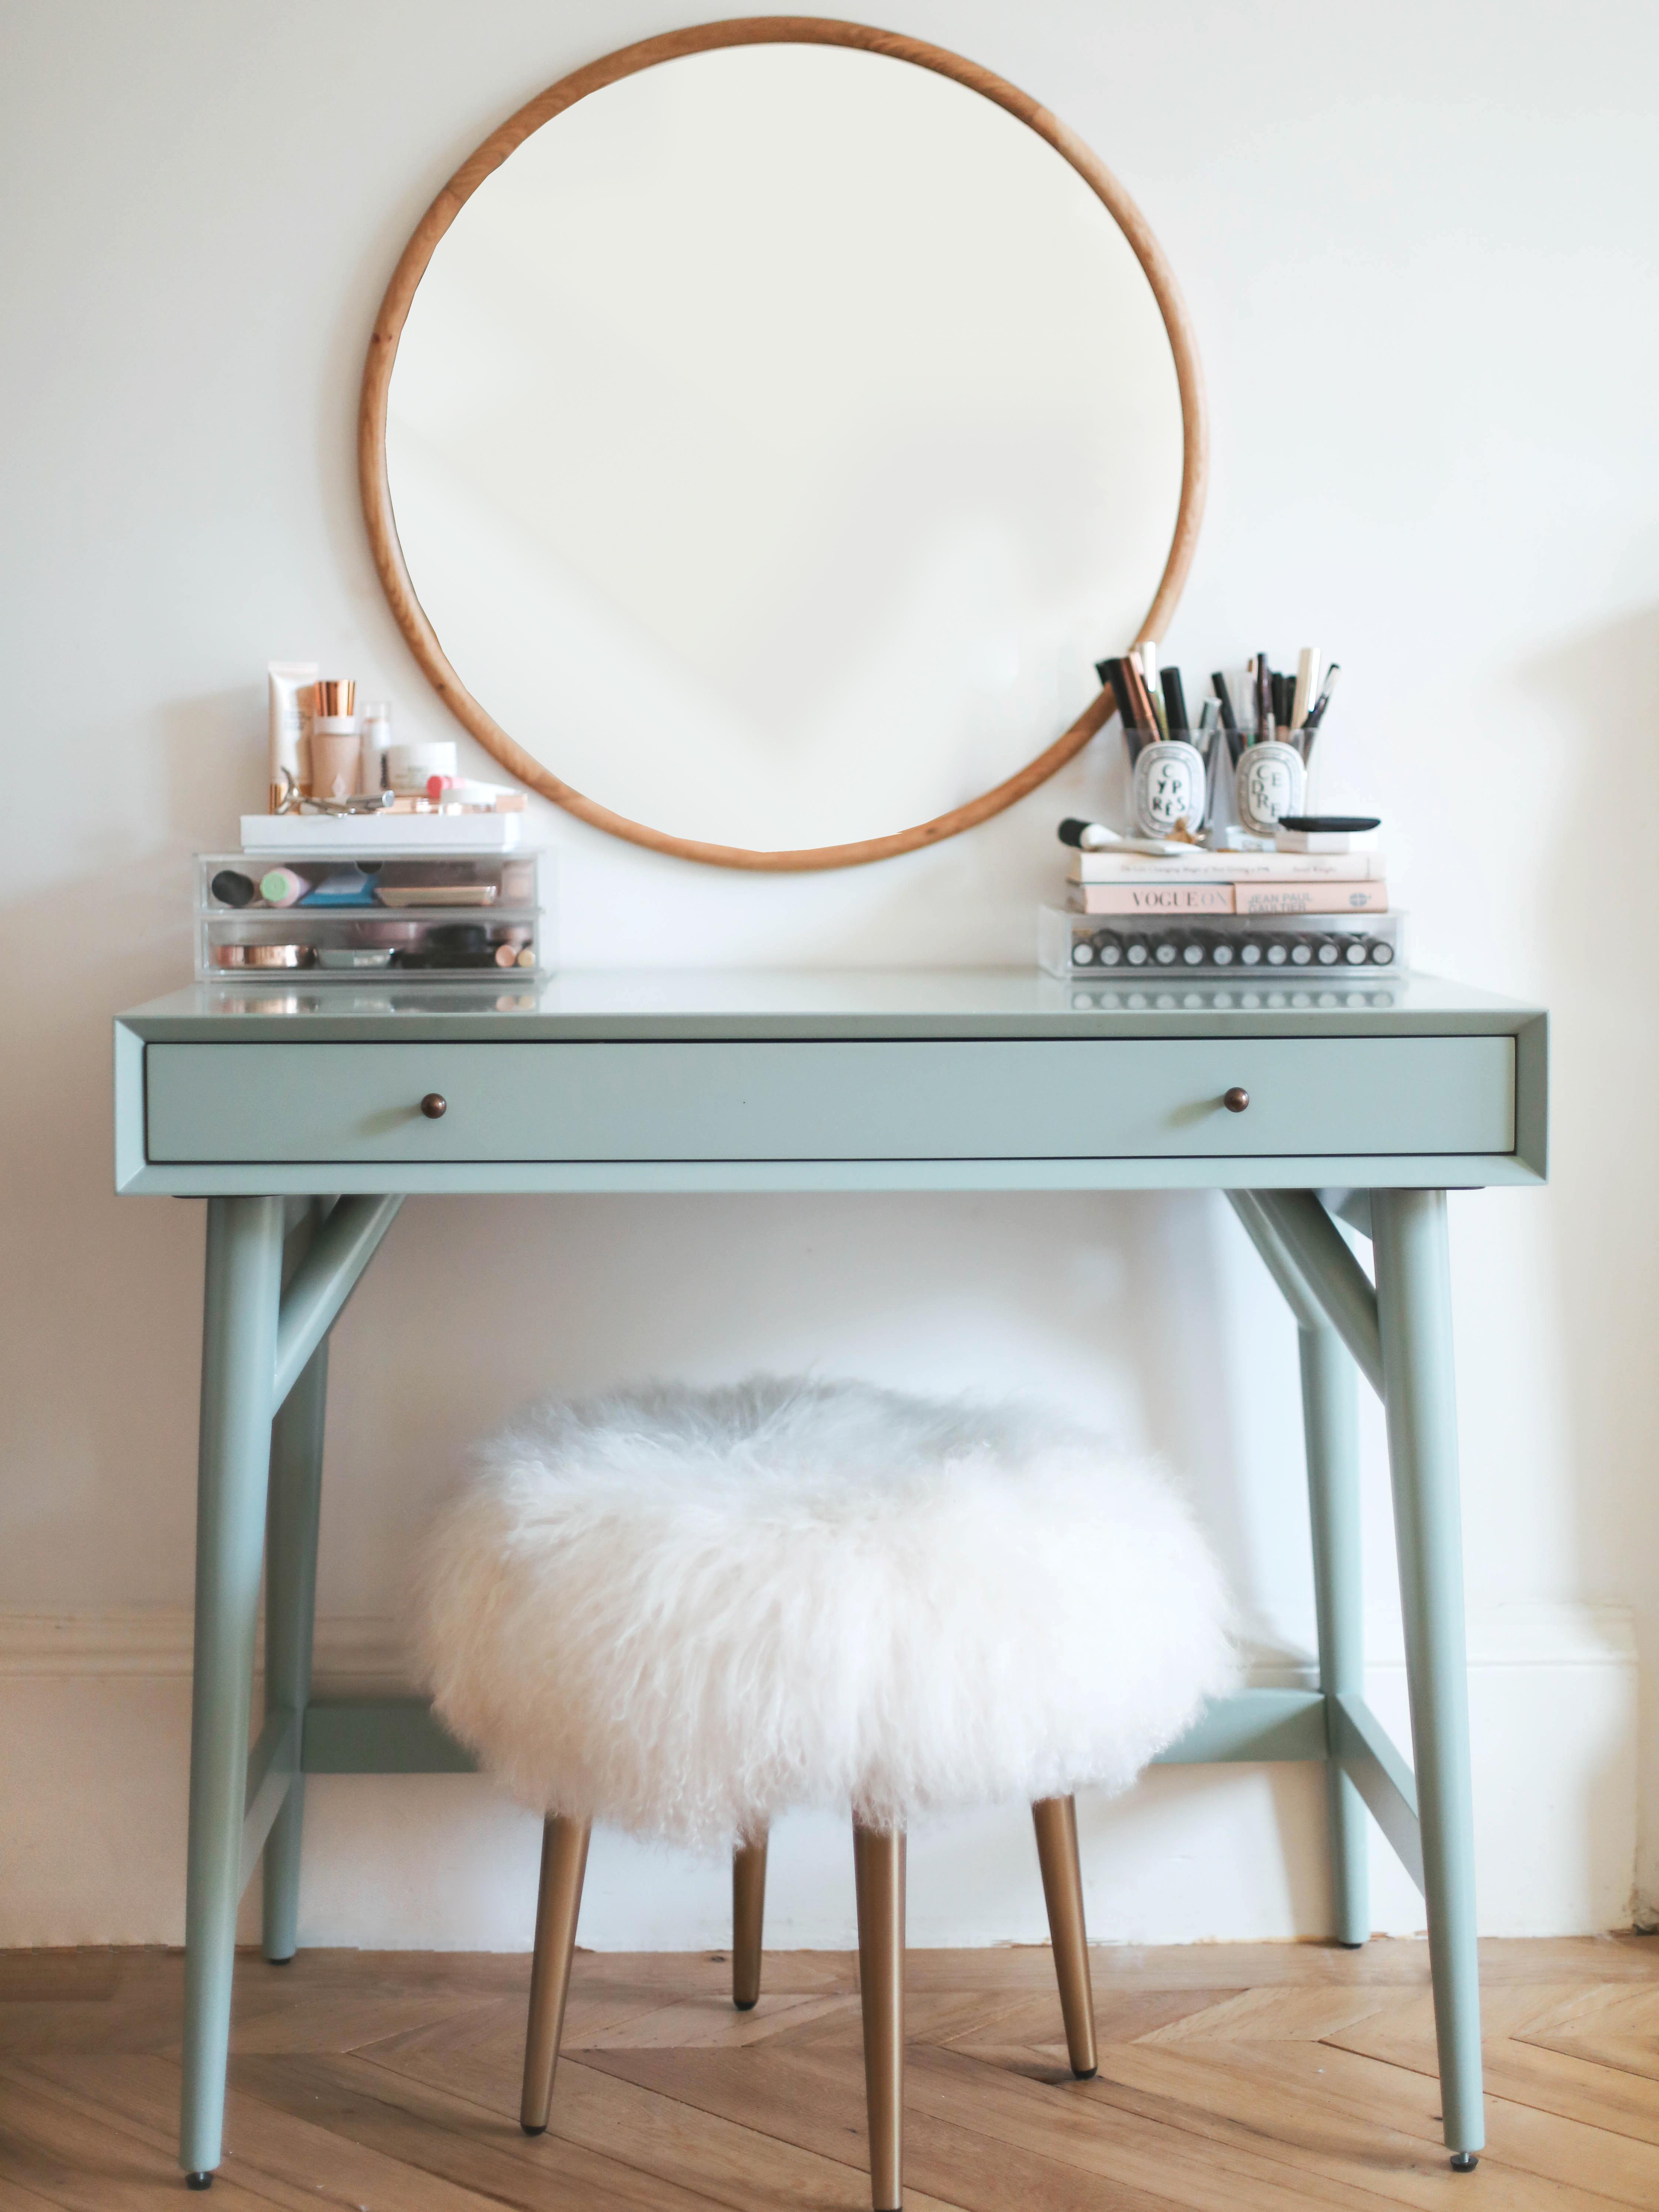 Makeup tables a vanity overhaulu2026 LXLNSVV